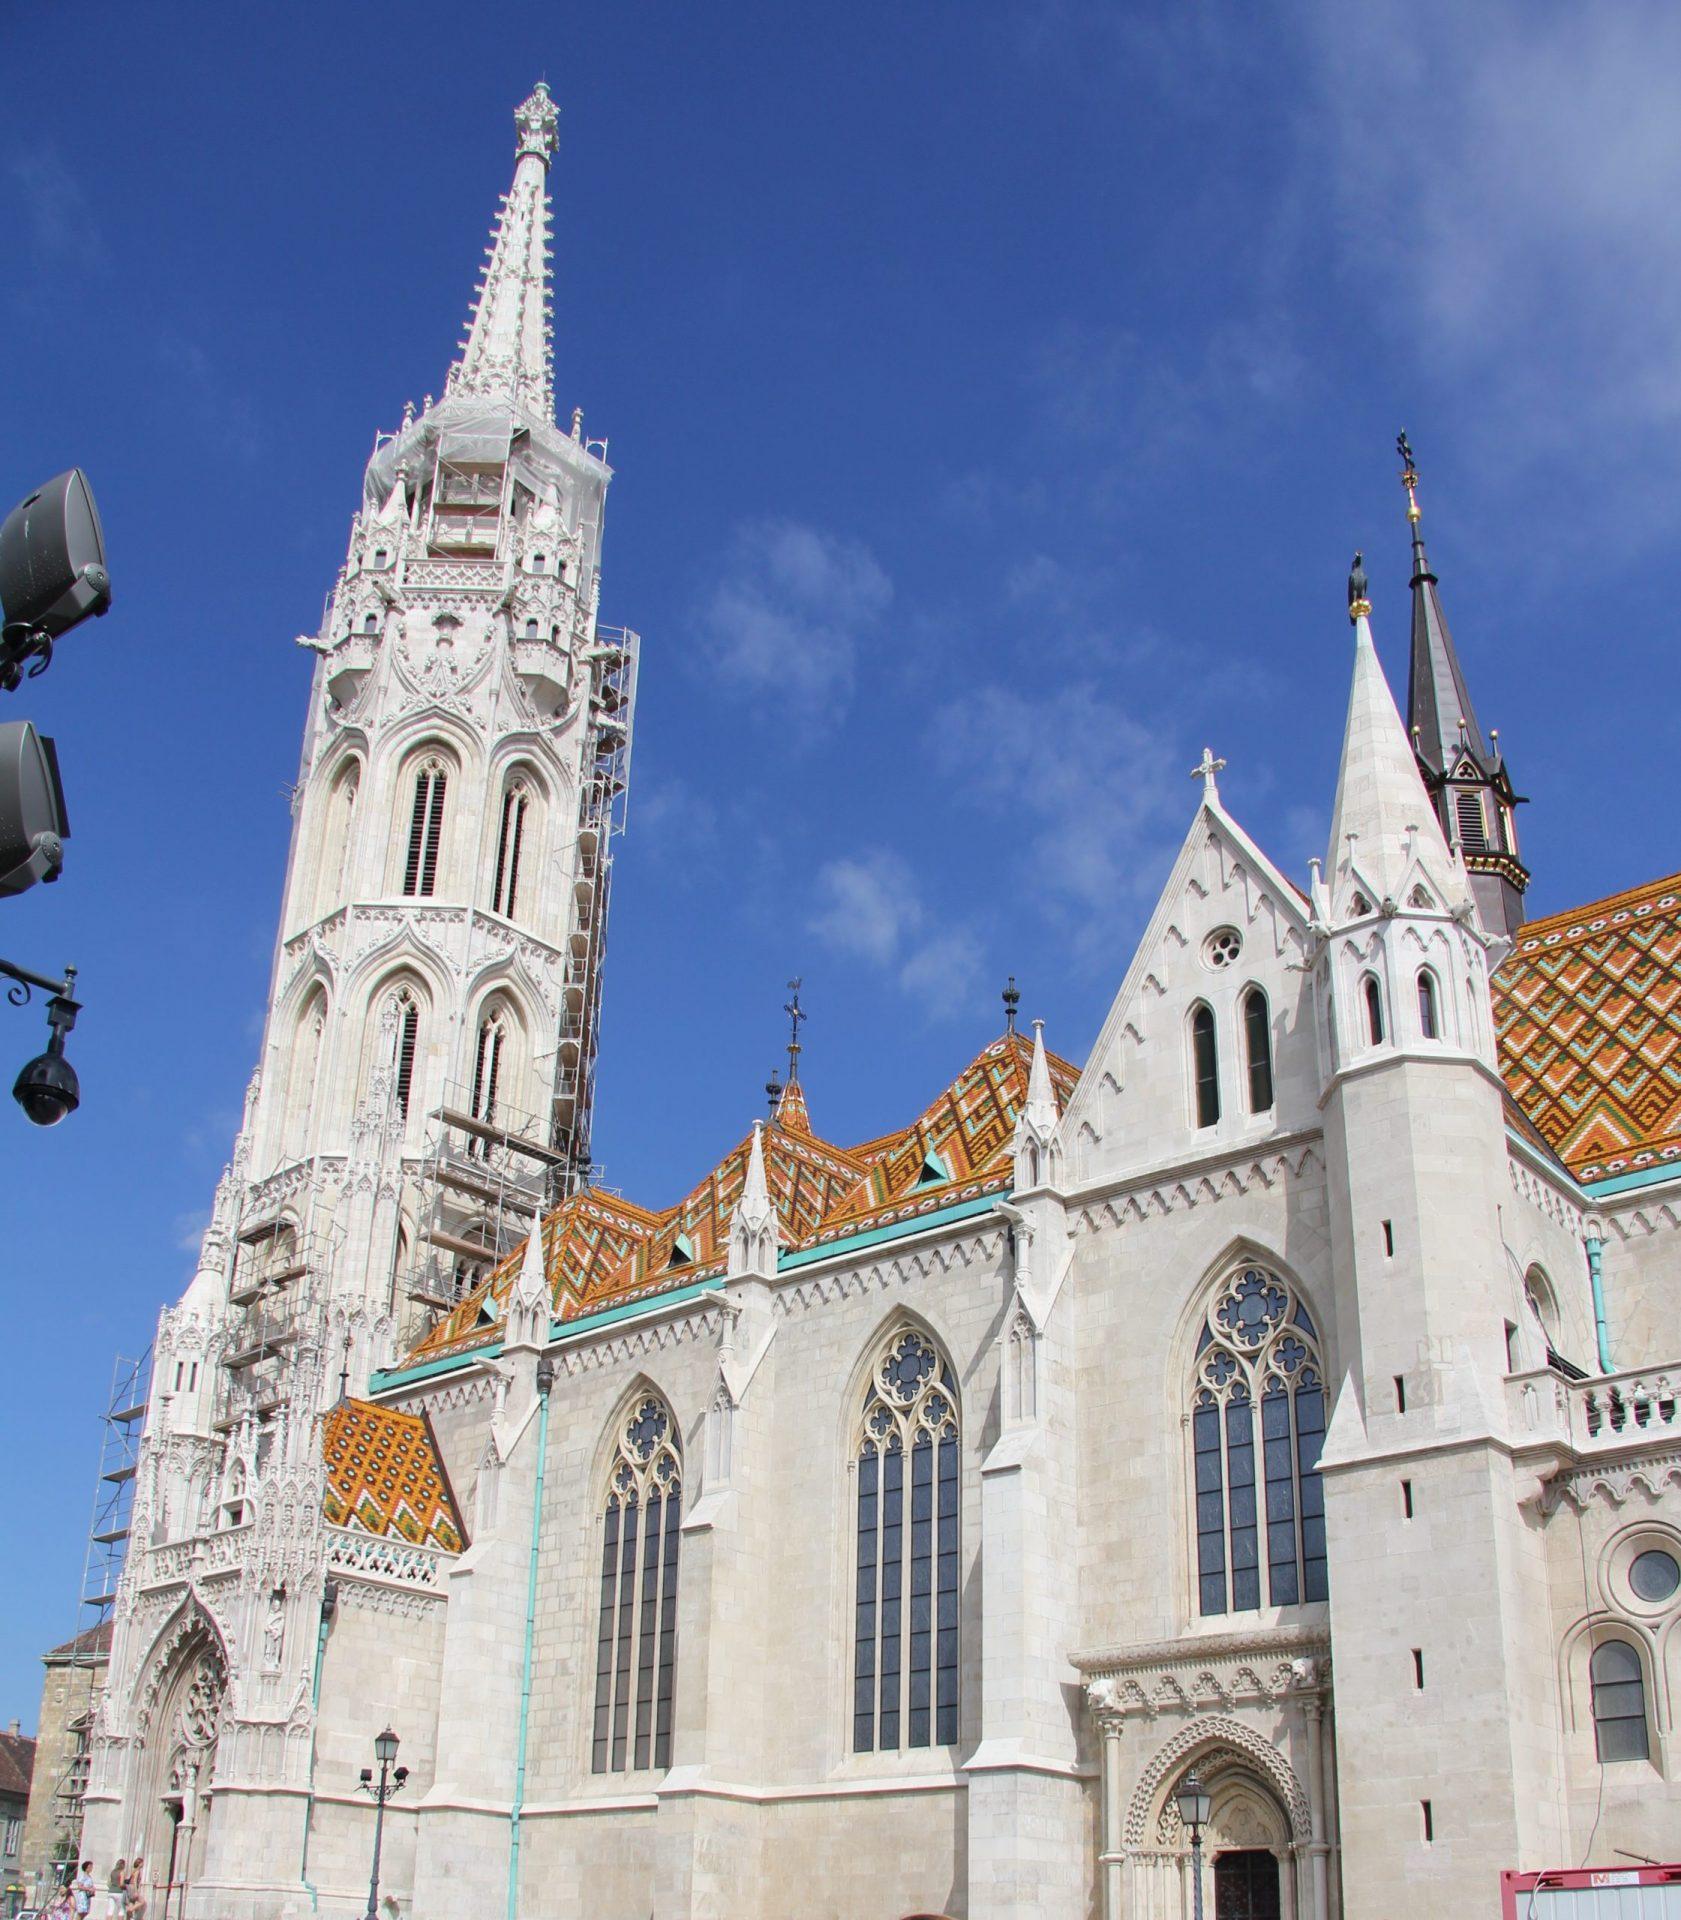 Церковь Матьяша, Будапешт, Венгрия. Июль, 2013